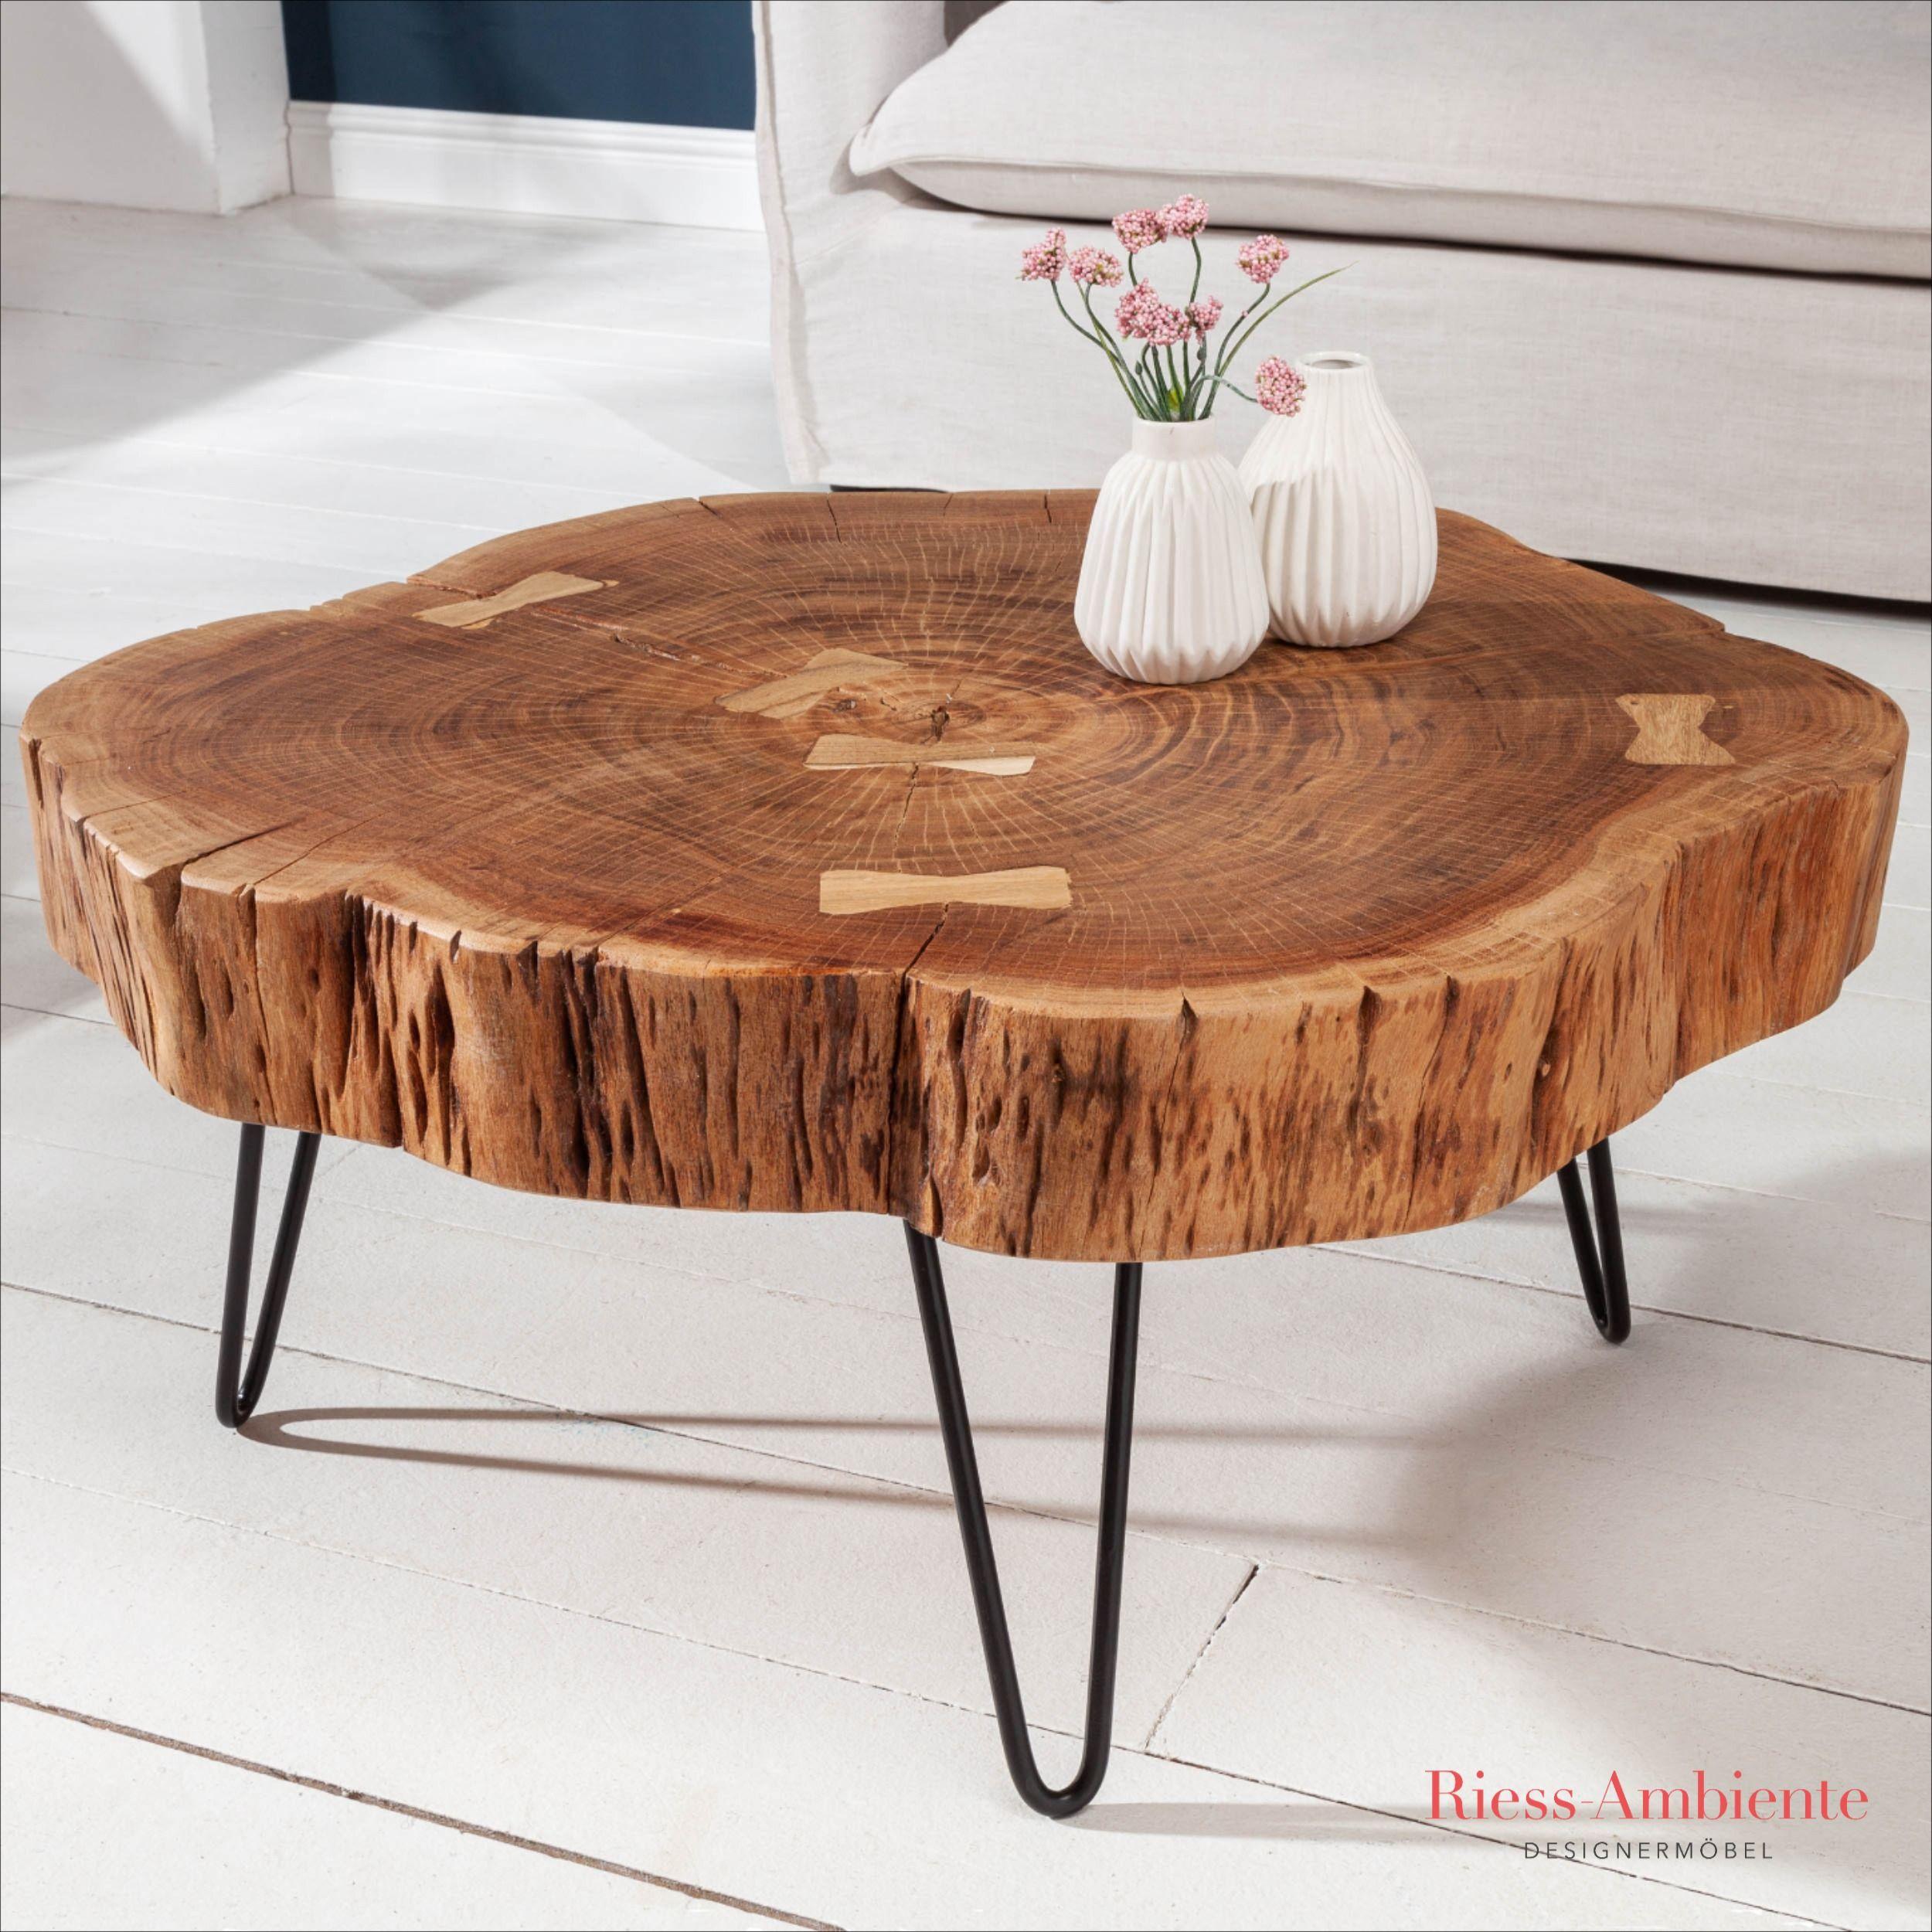 Handgearbeiteter Baumstamm Couchtisch Goa 80cm Akazie Hairping Legs Couchtisch Baumstamm Holzscheibe Tisch Couchtisch Baumscheibe